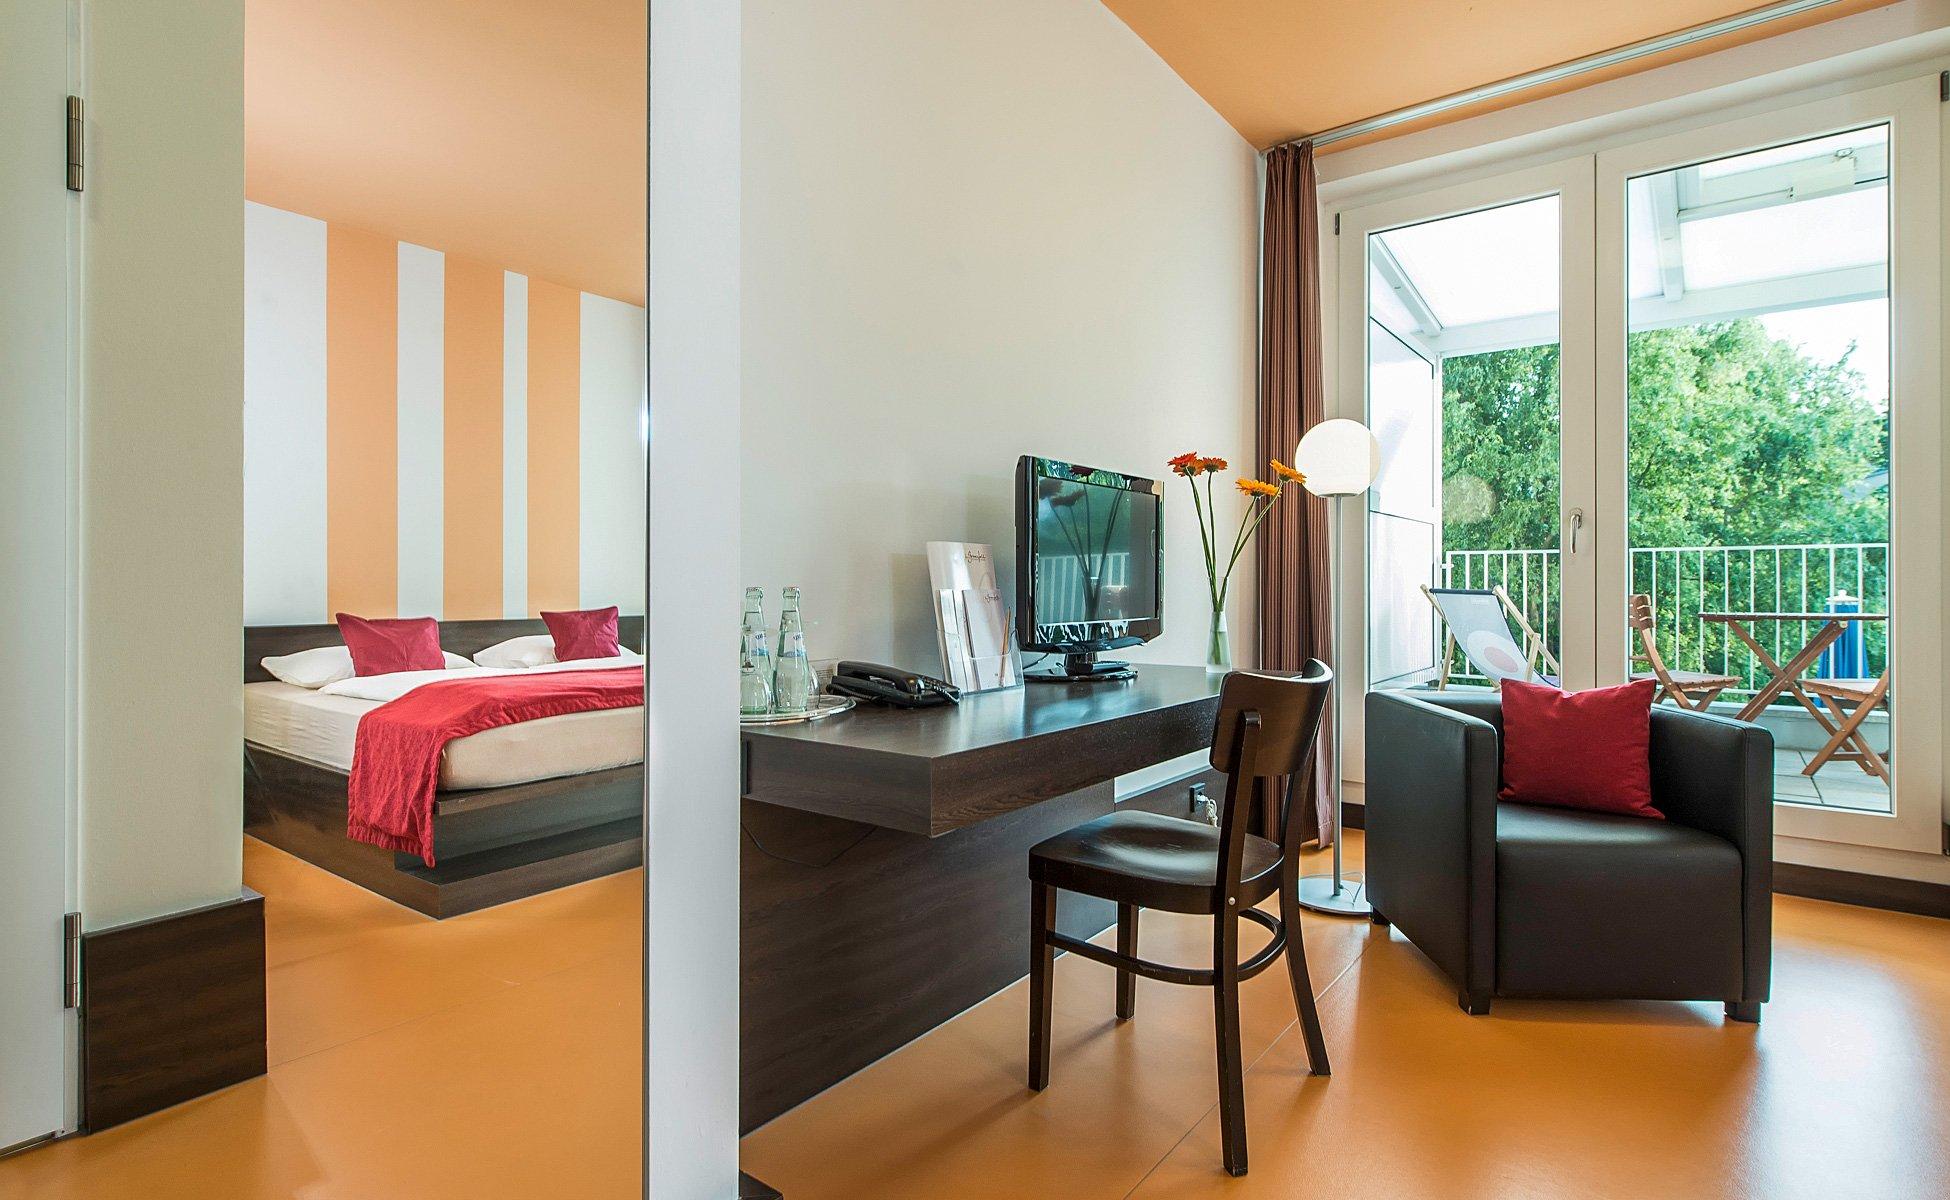 Hotel-Grenzfall Gartenblickzimmer mit Balkon